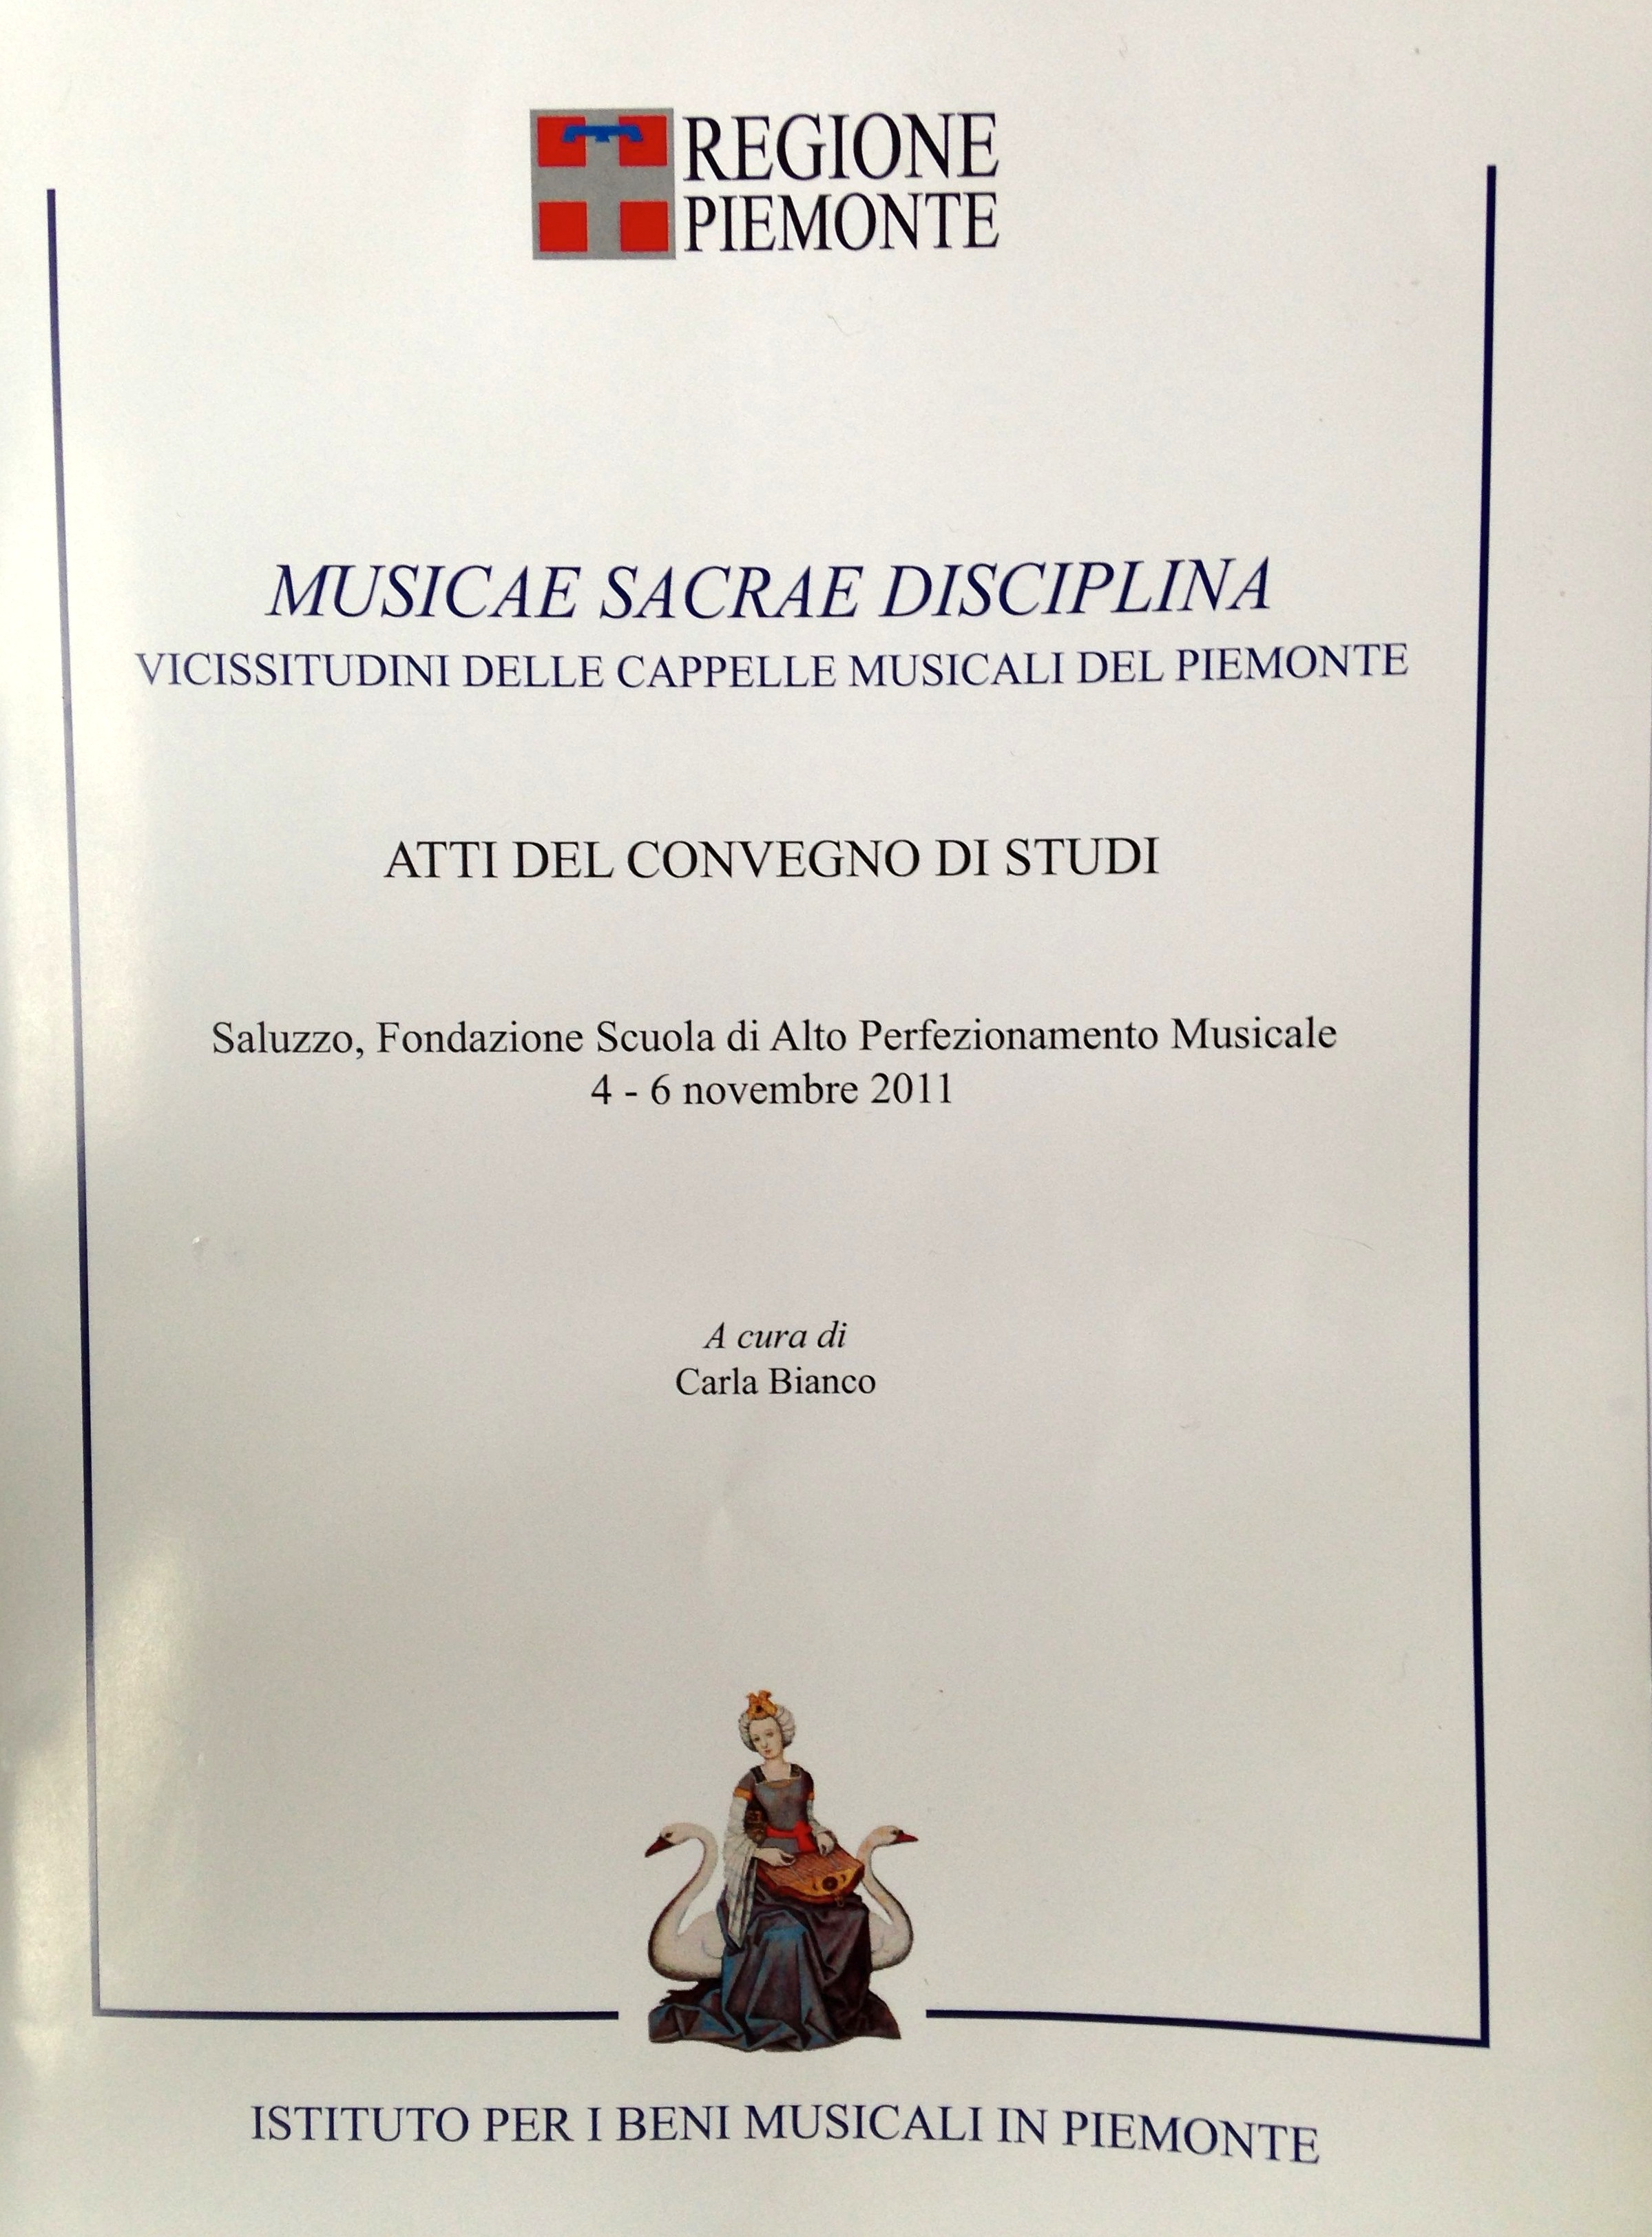 Musicae sacrae disciplina